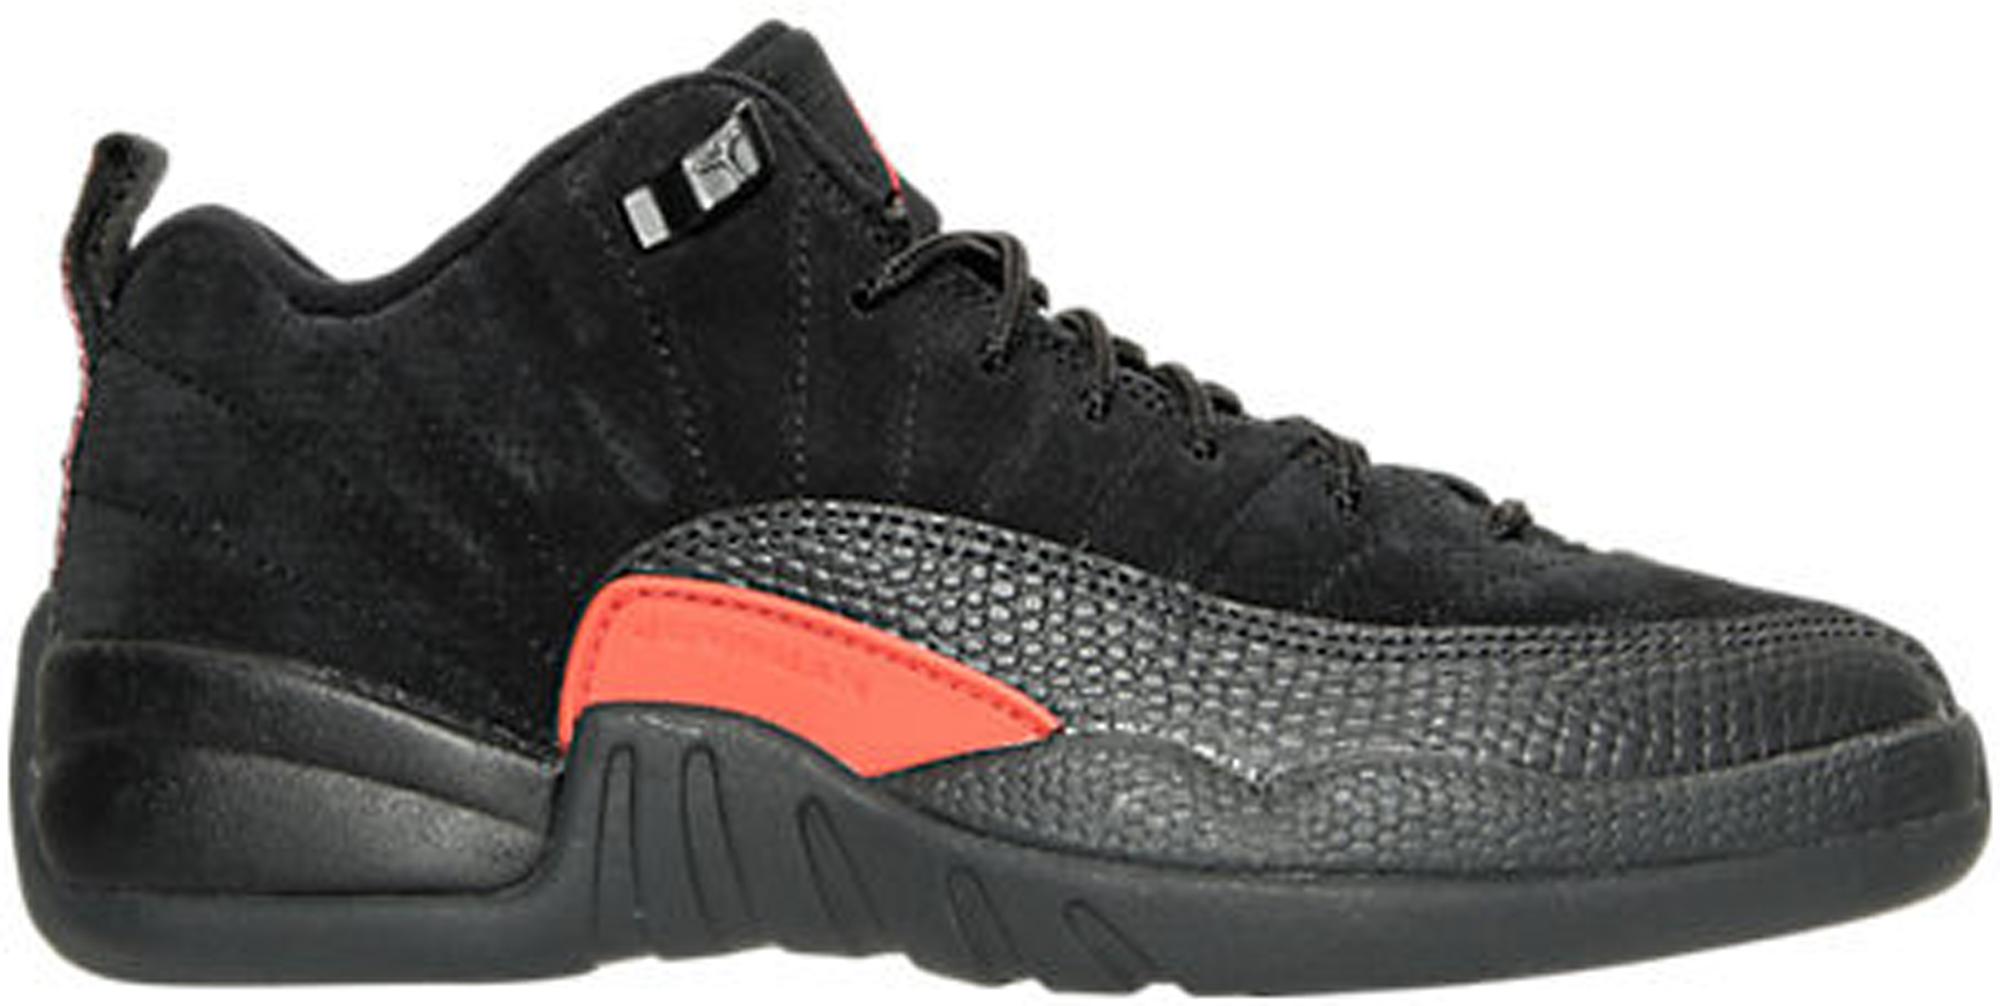 Jordan 12 Retro Low Max Orange (GS